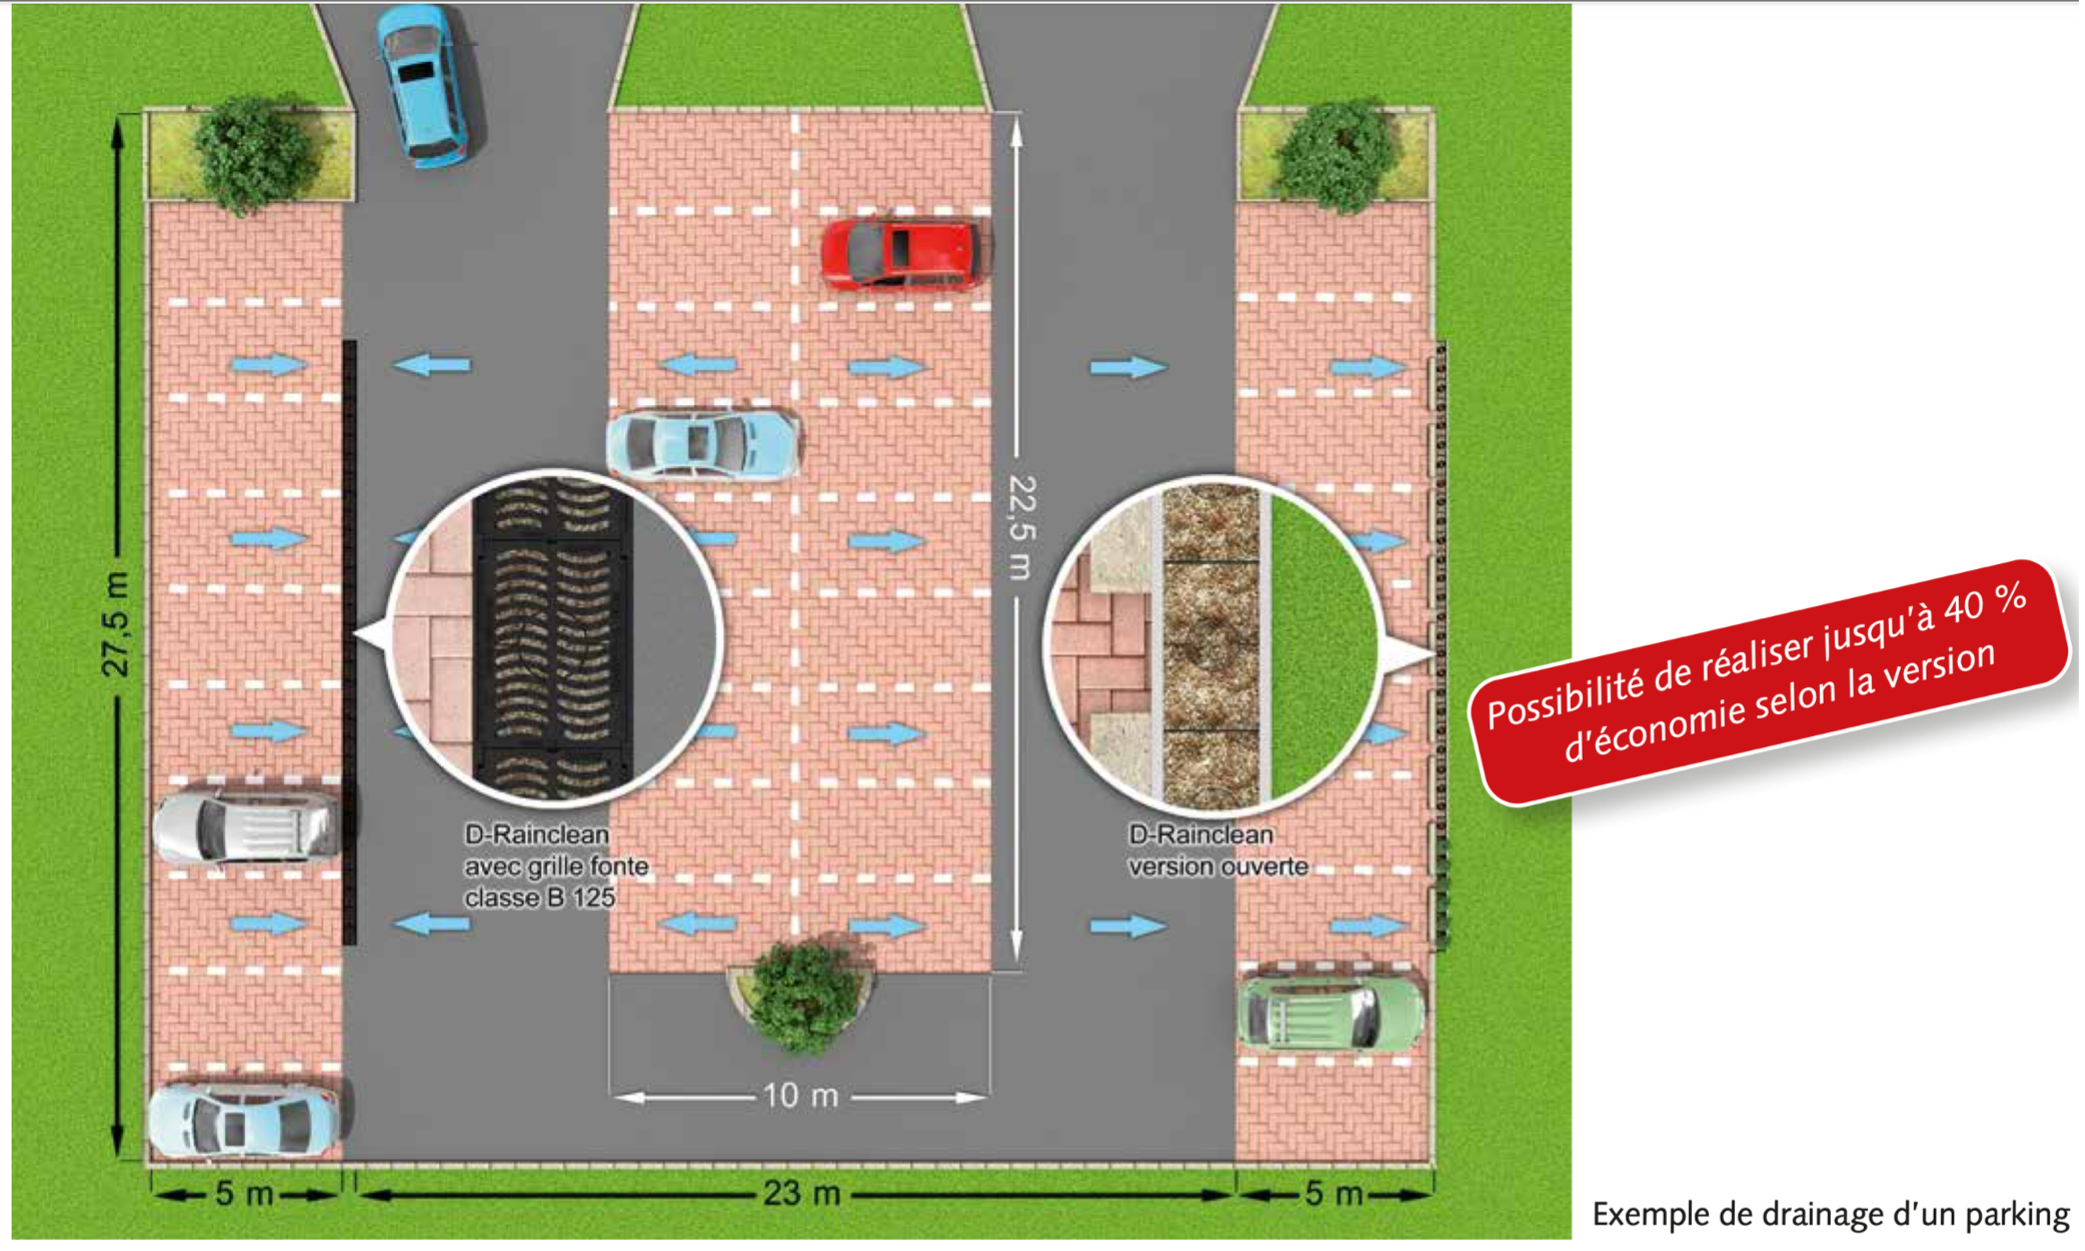 exemple de drainage parking.png